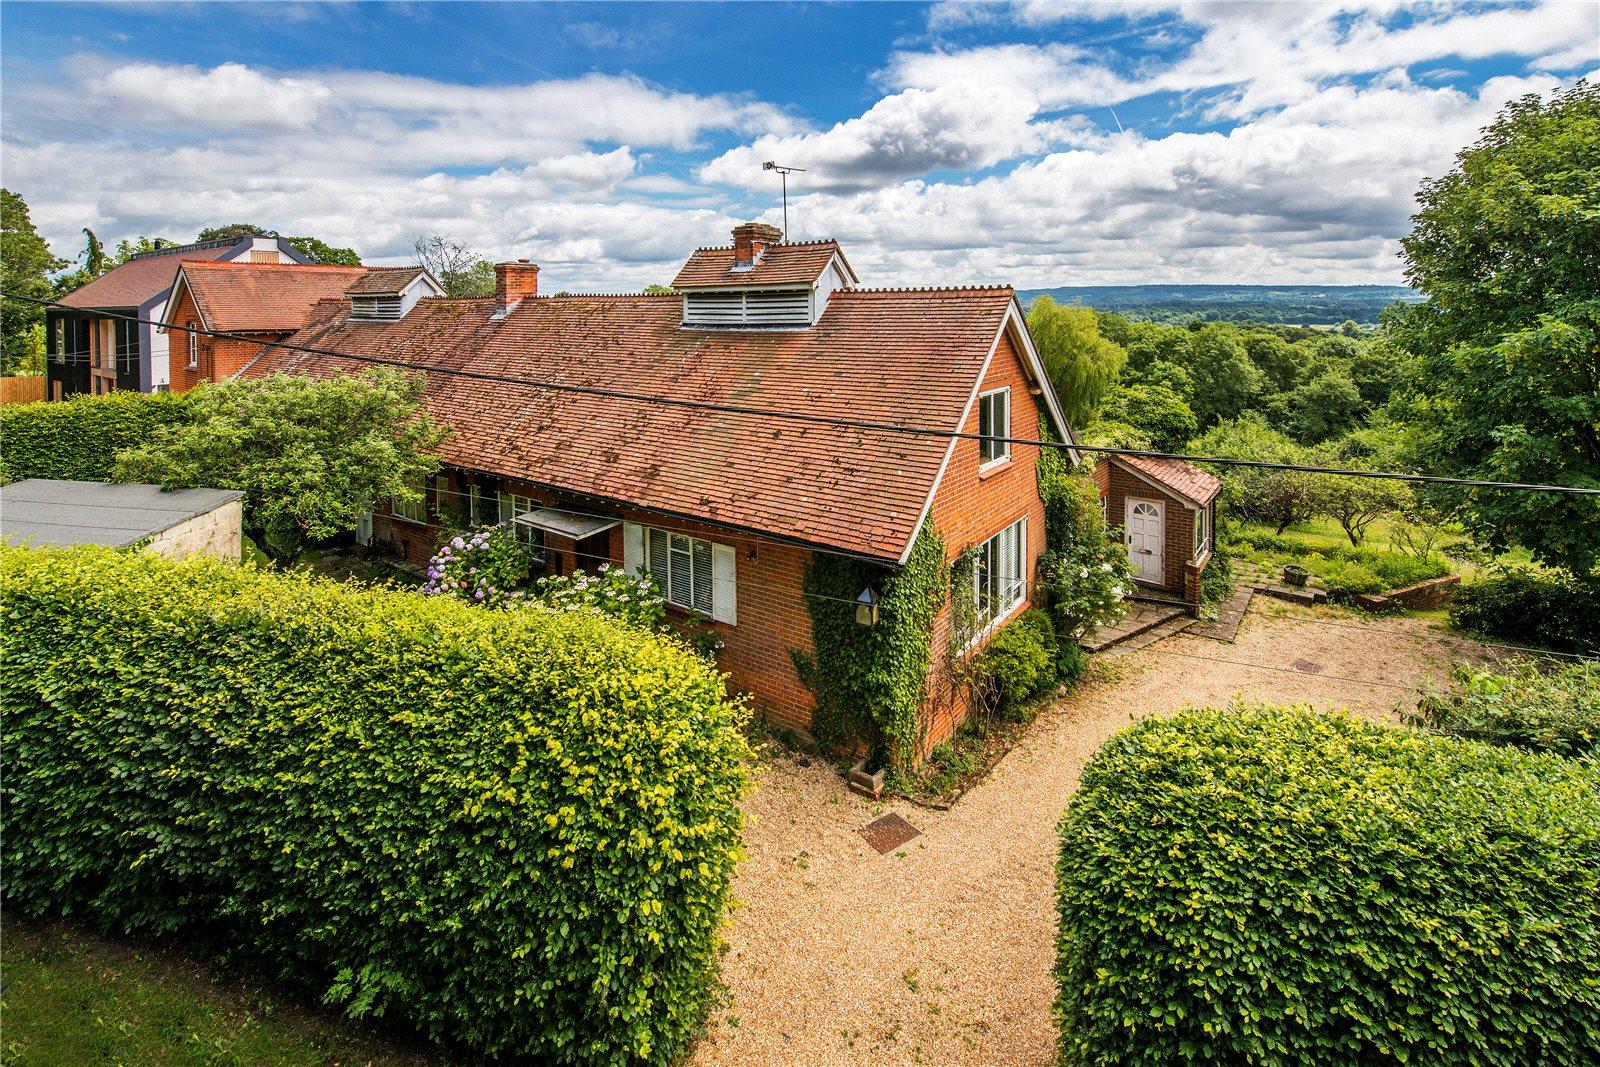 Tek Ailelik Ev için Satış at Summerfield Lane, Frensham, Farnham, Surrey, GU10 Farnham, Ingiltere